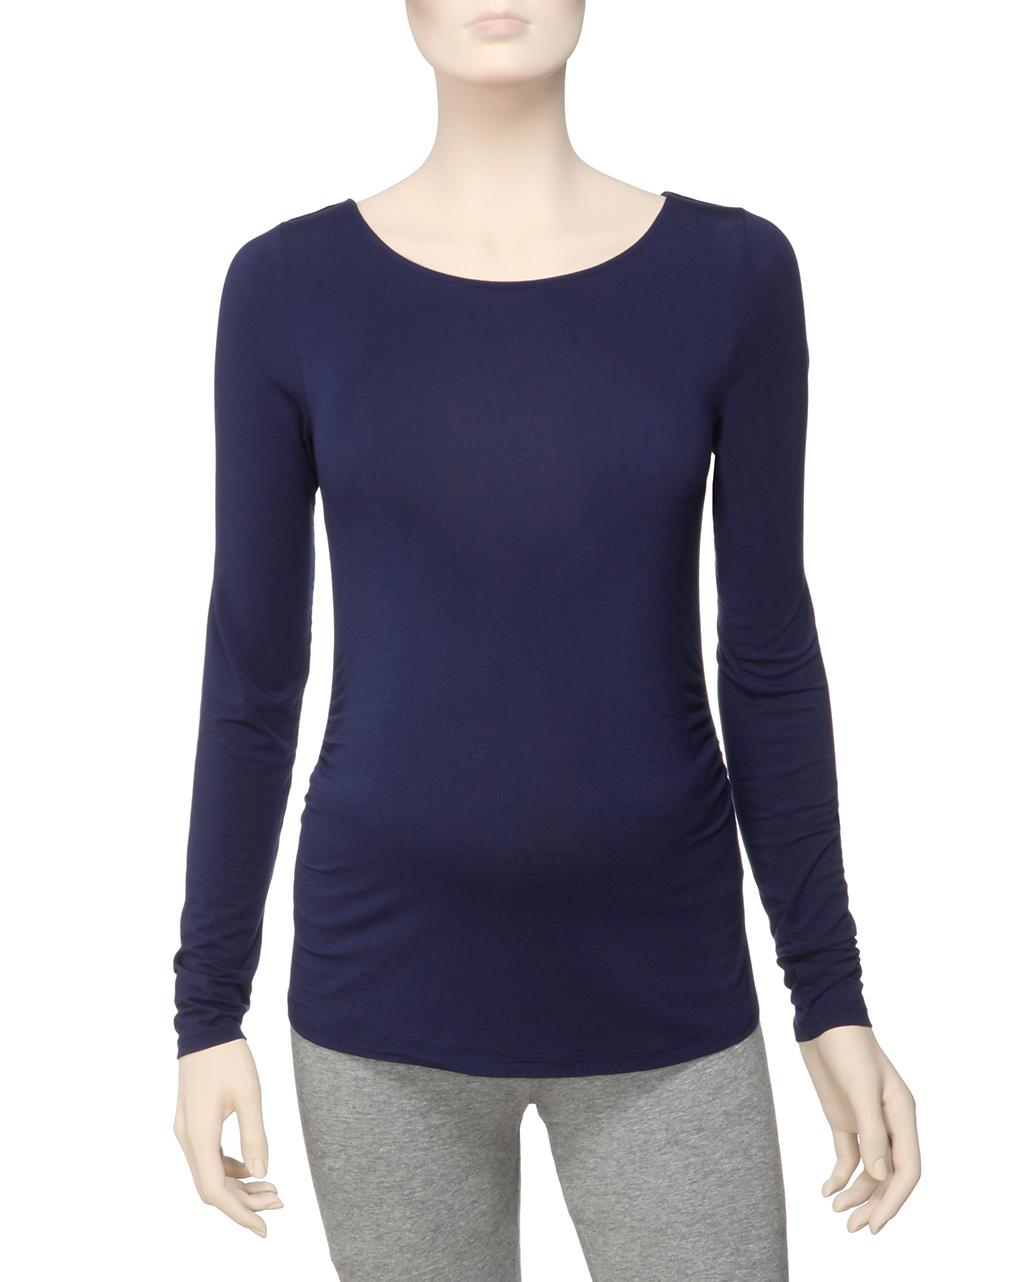 Γυναικεία Μπλούζα από Microfibra Μπλε